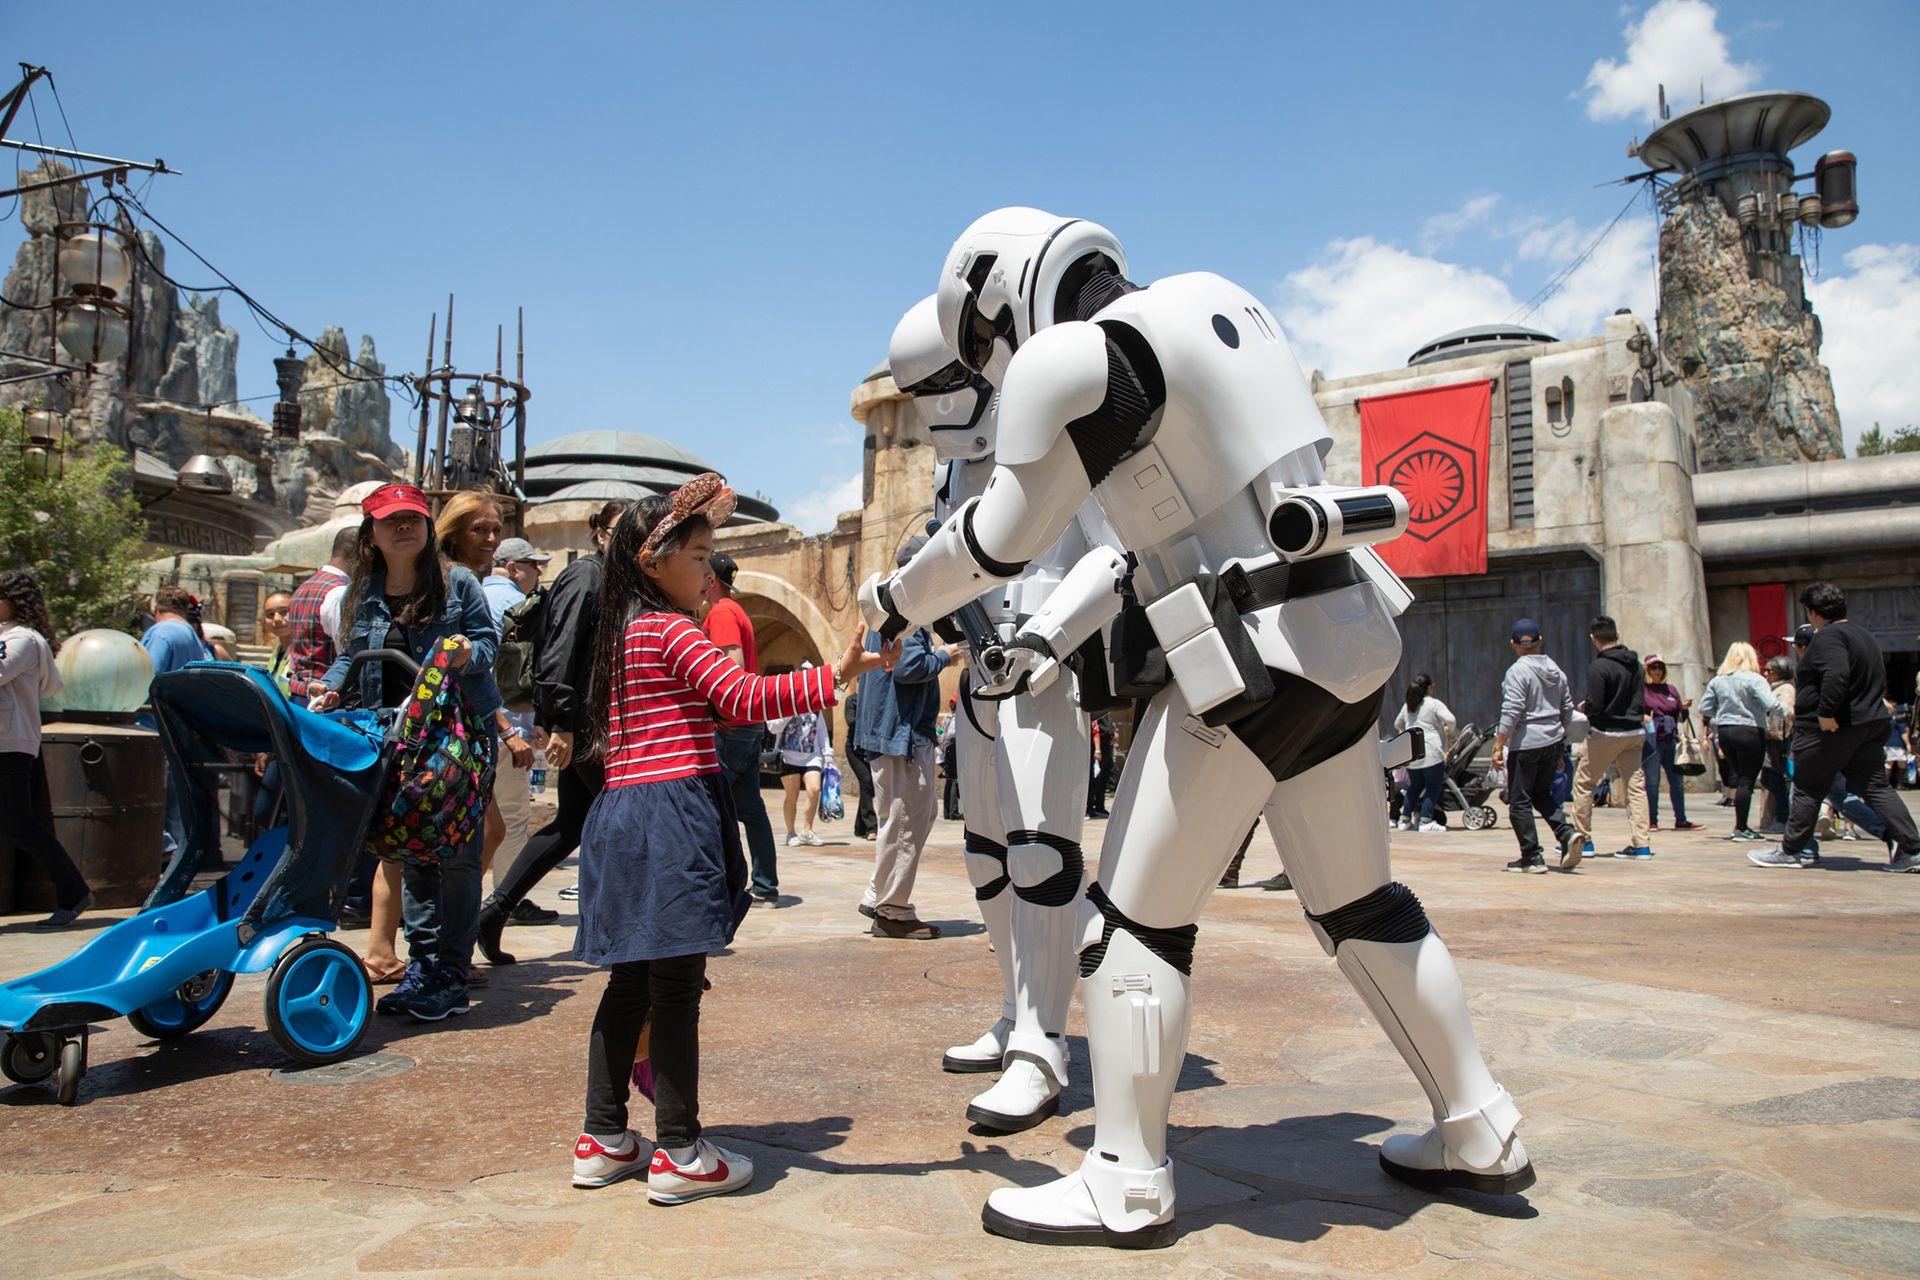 """El esperado espacio dedicado a """"La guerra de las galaxias"""" en el parque californiano se llama Galaxys Edge y cuenta con legiones de Storm Troopers y hasta con un... ¡Halcón Milenario!"""